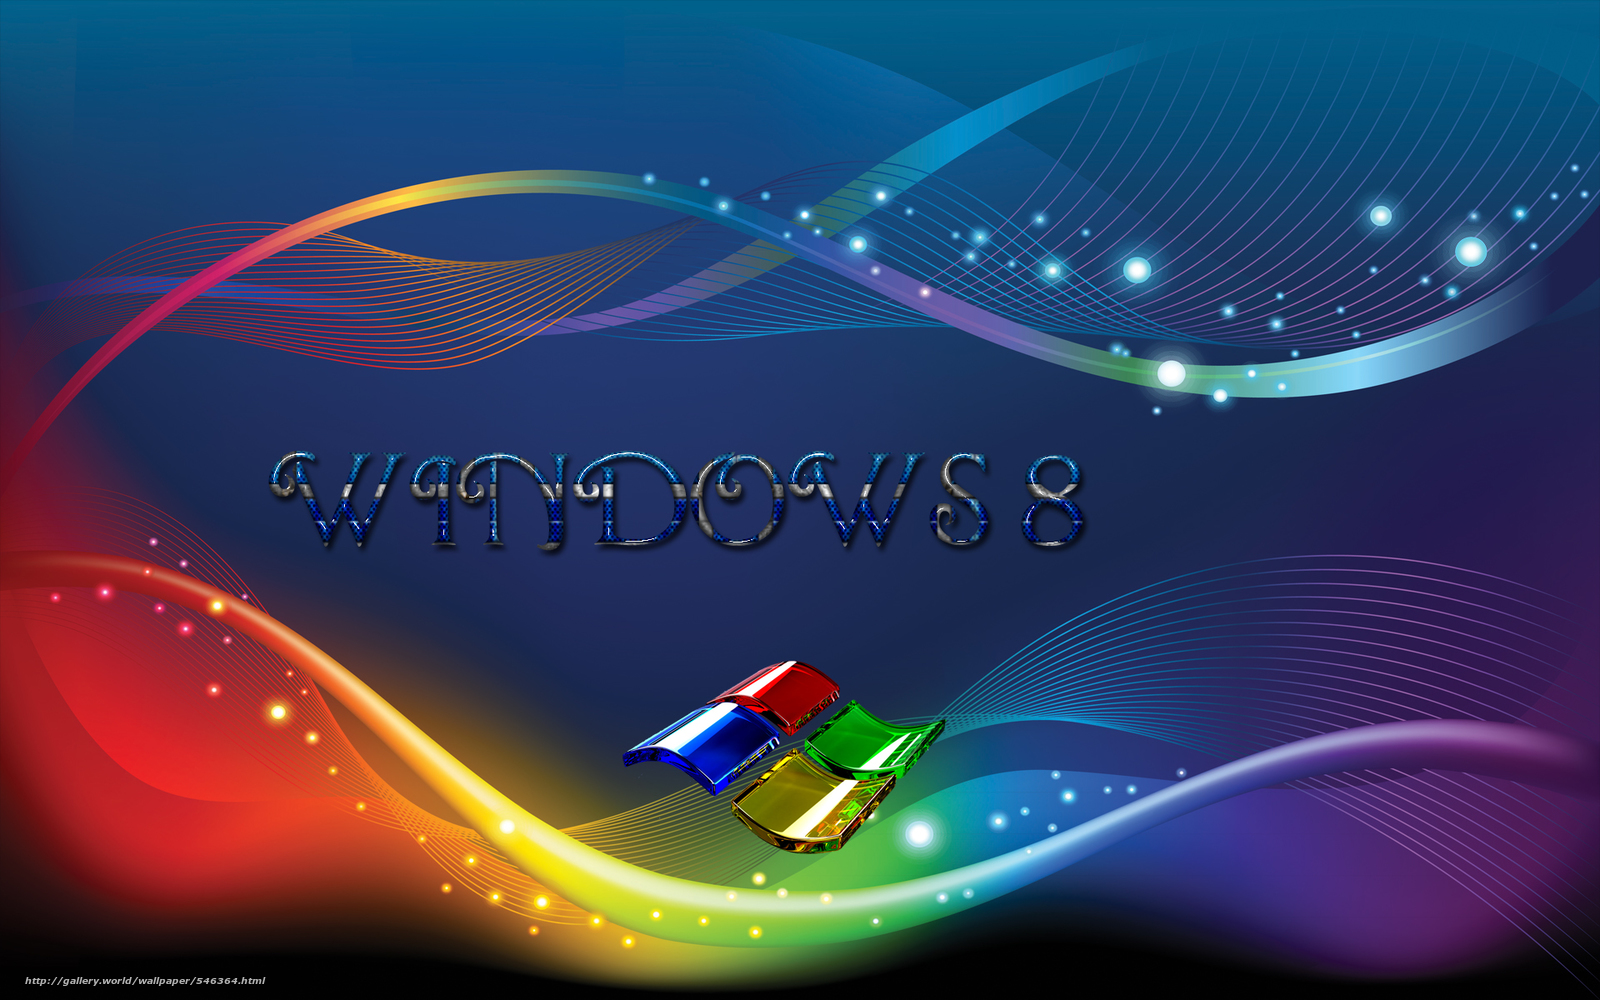 Descargar gratis fondos de pantalla fondos de pantalla for Imagenes para fondo de escritorio 3d